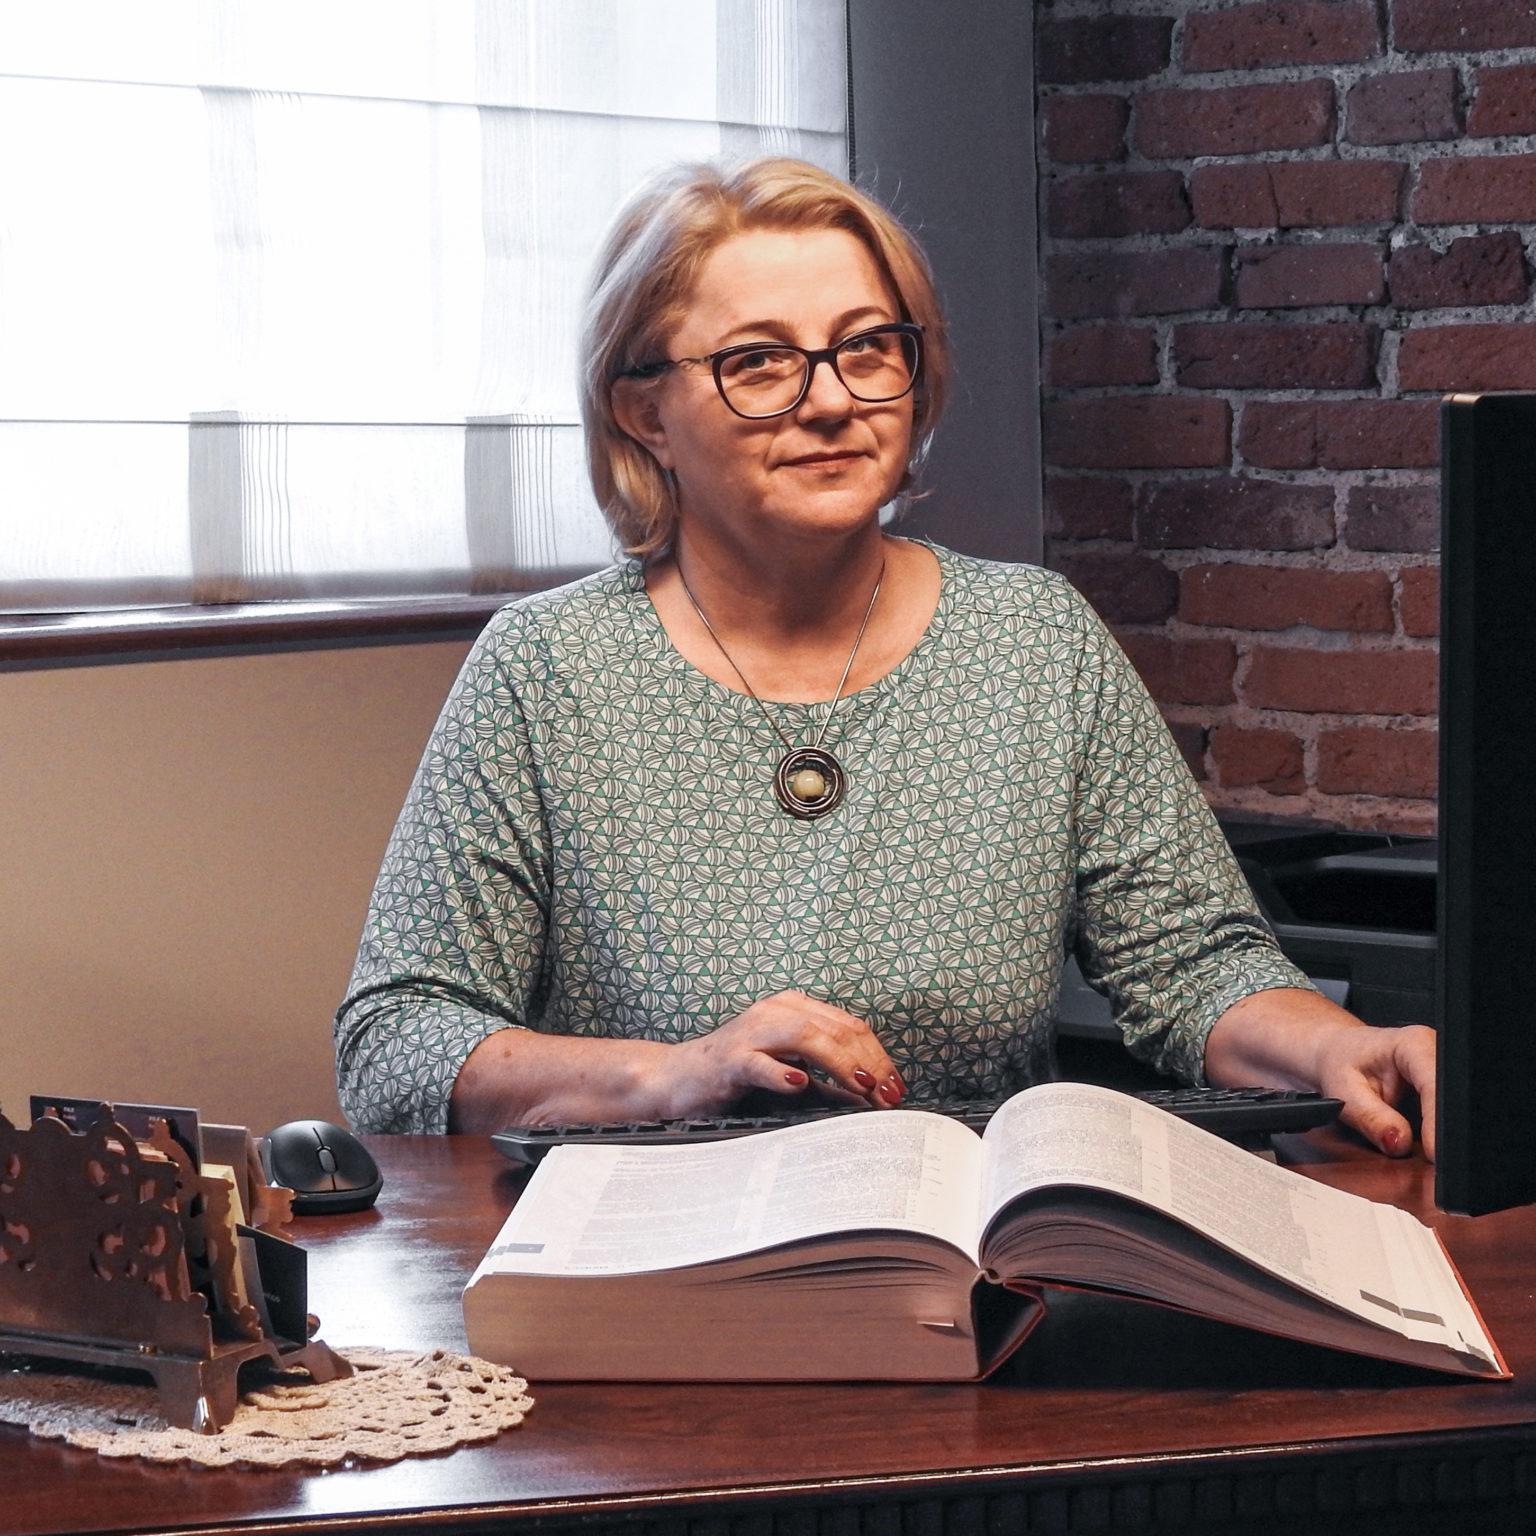 Małgorzata księgowa szkolenia